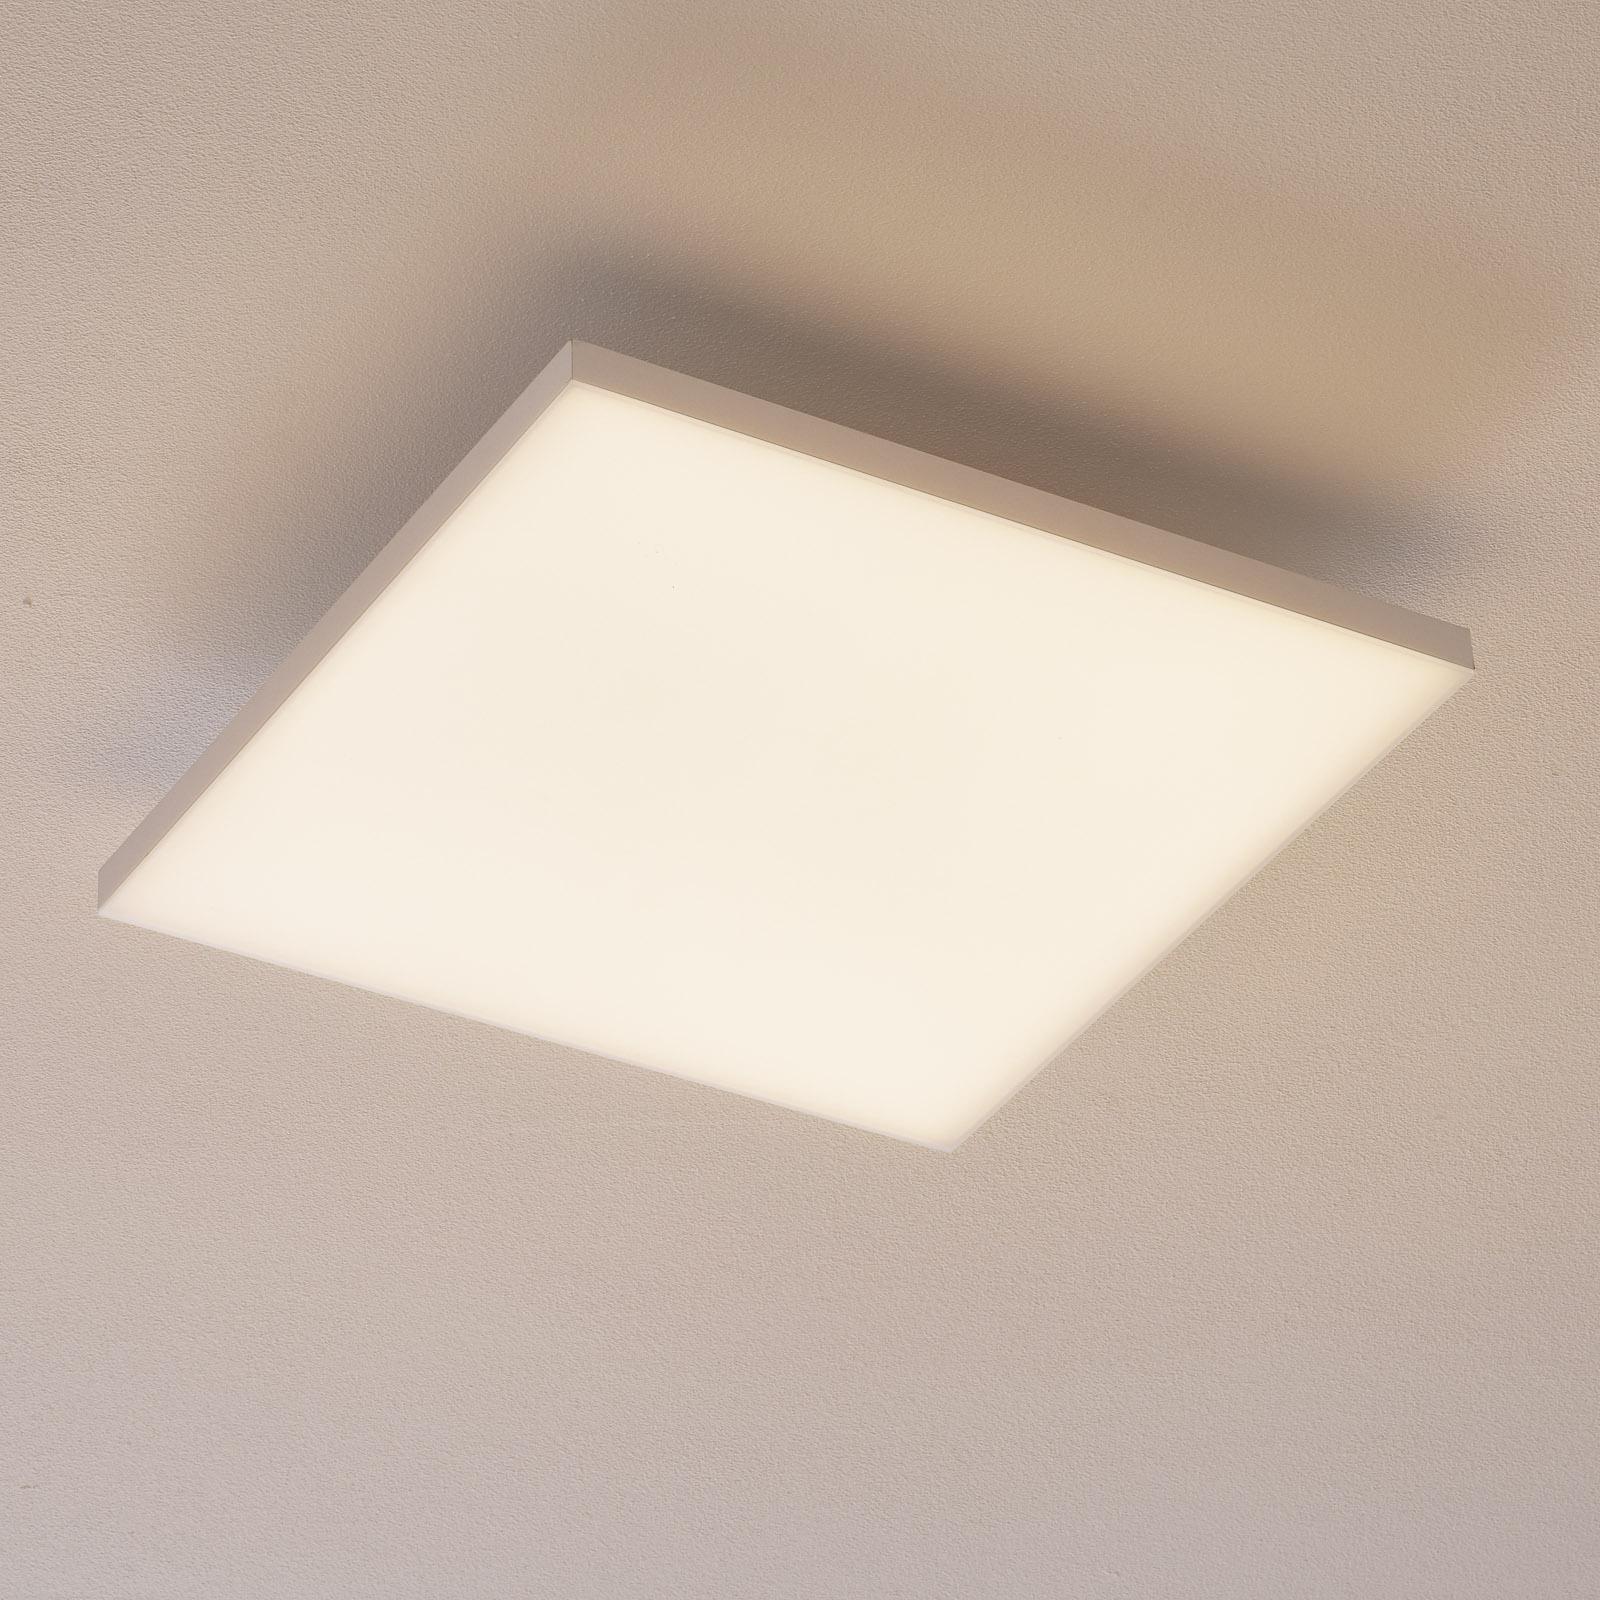 Paul Neuhaus Q-FRAMELESS lampa sufitowa RGBW 45x45